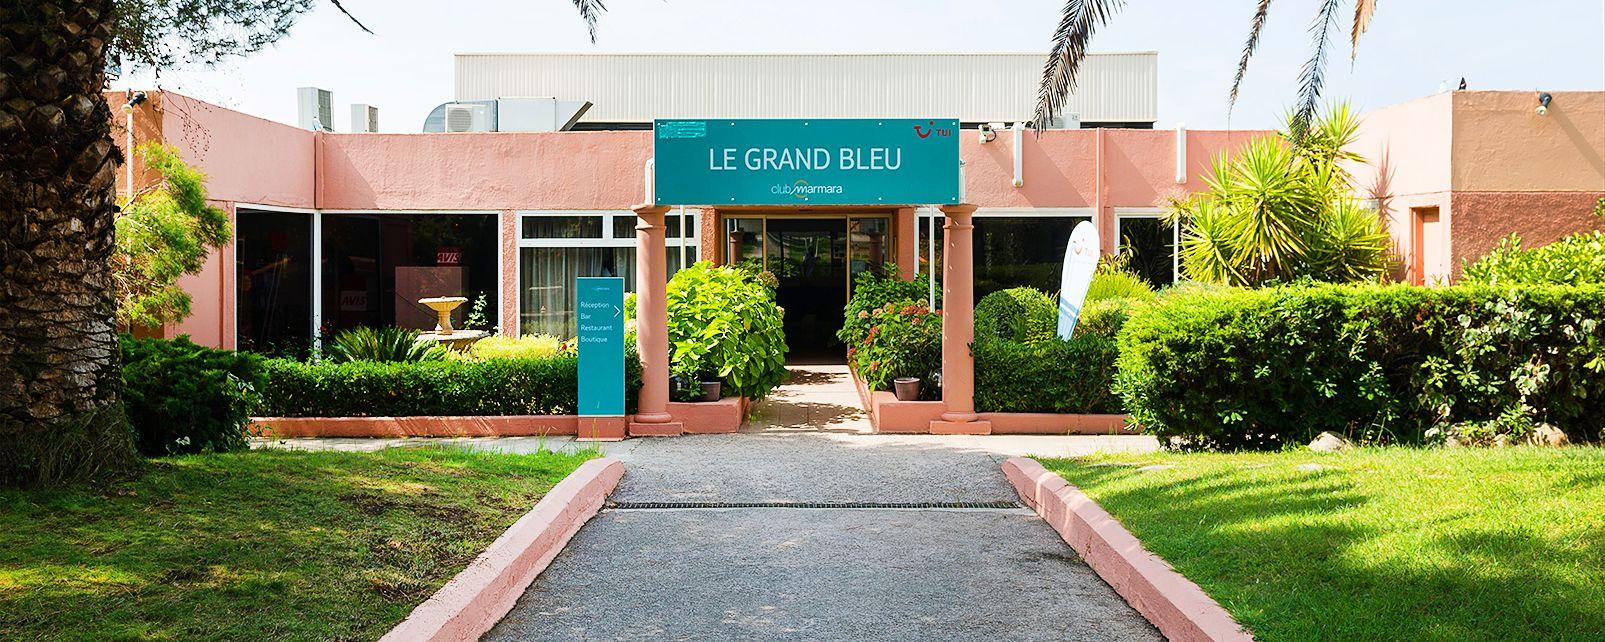 Club Marmara Le Grand Bleu